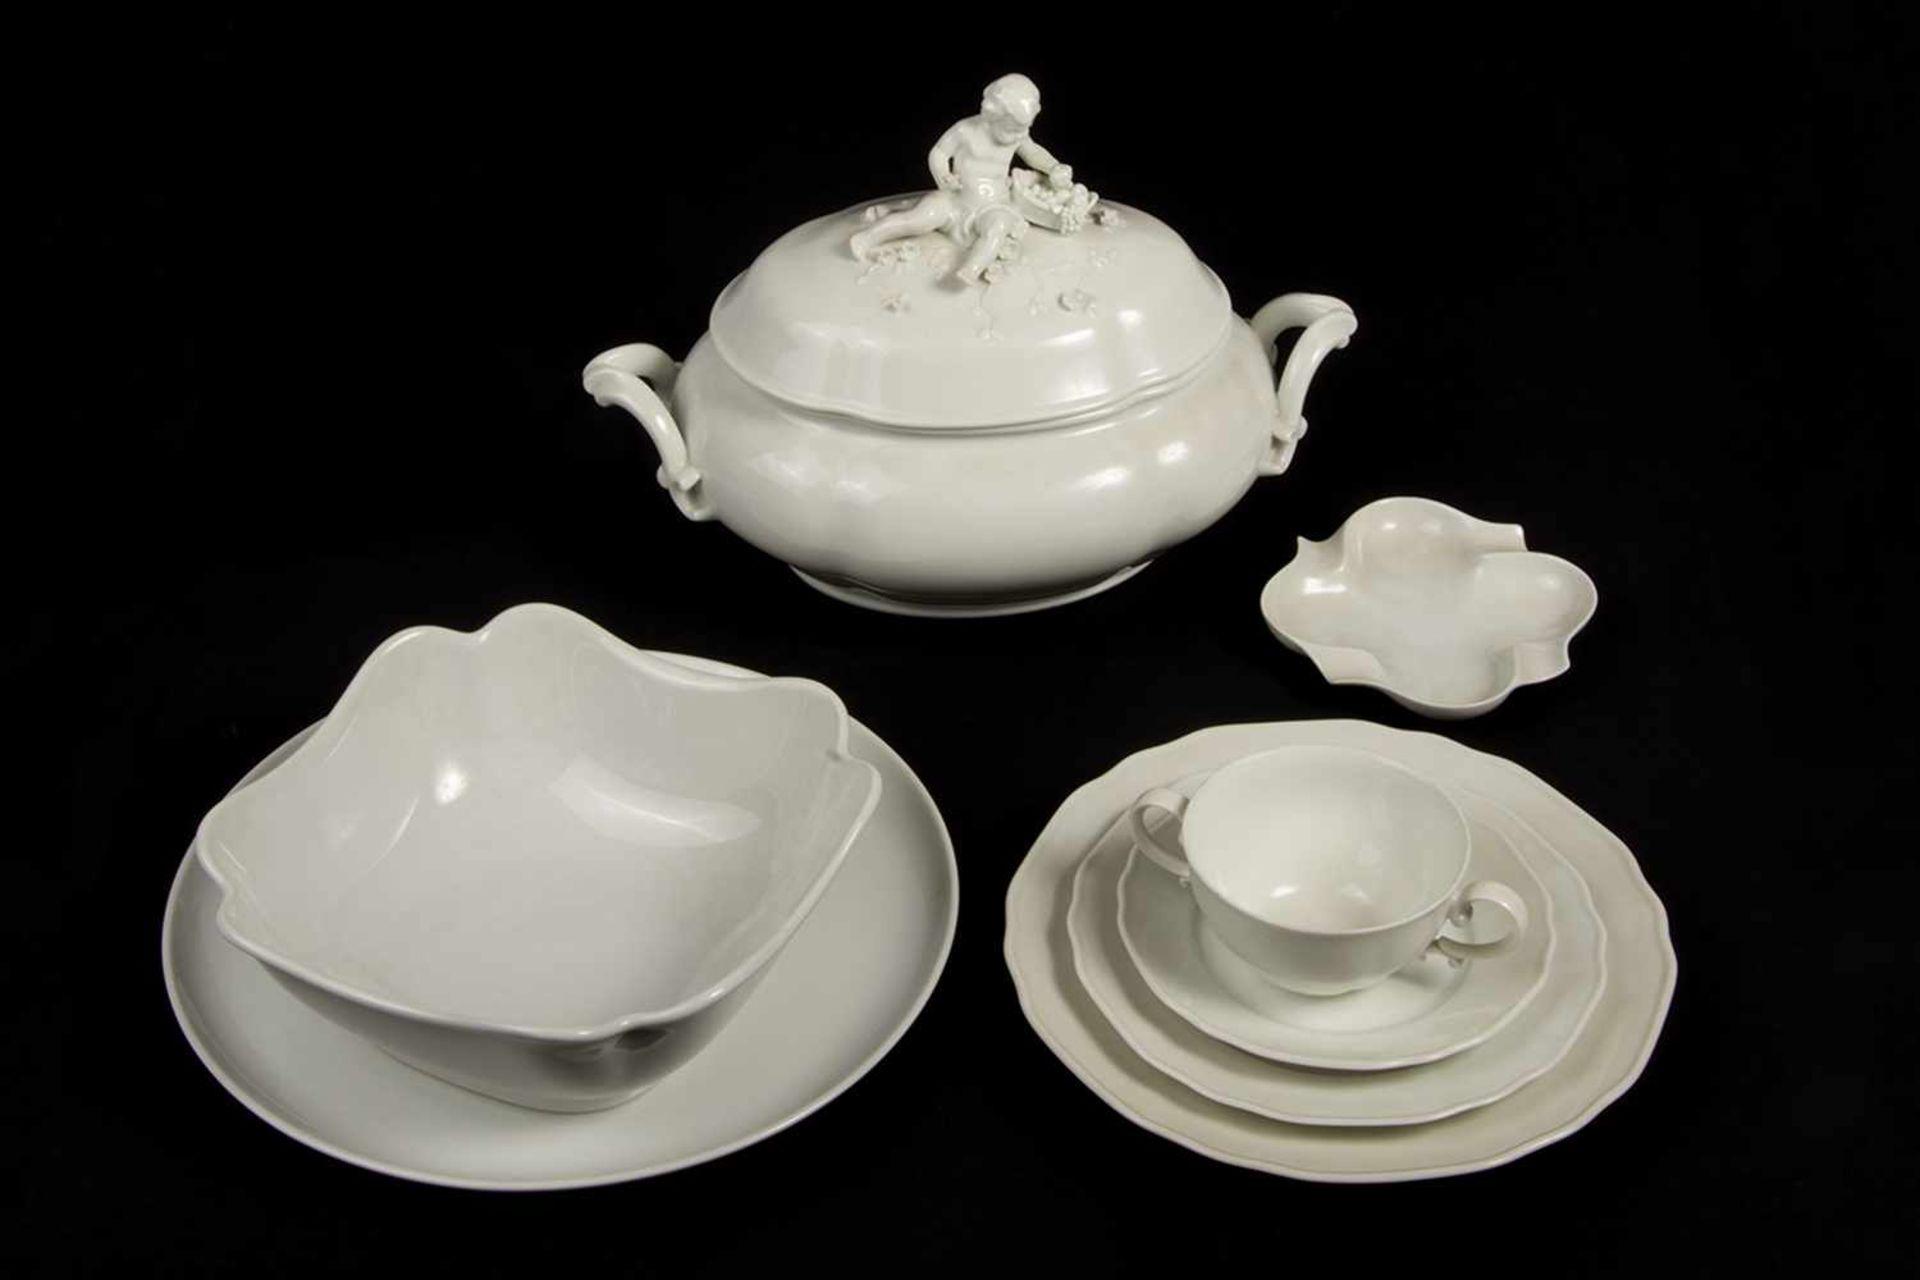 Los 53 - Speiseserviceteile Porzellan, weiß, Marke Augarten Dekor Belvedere, bestehend aus: 1 Deckelterrine